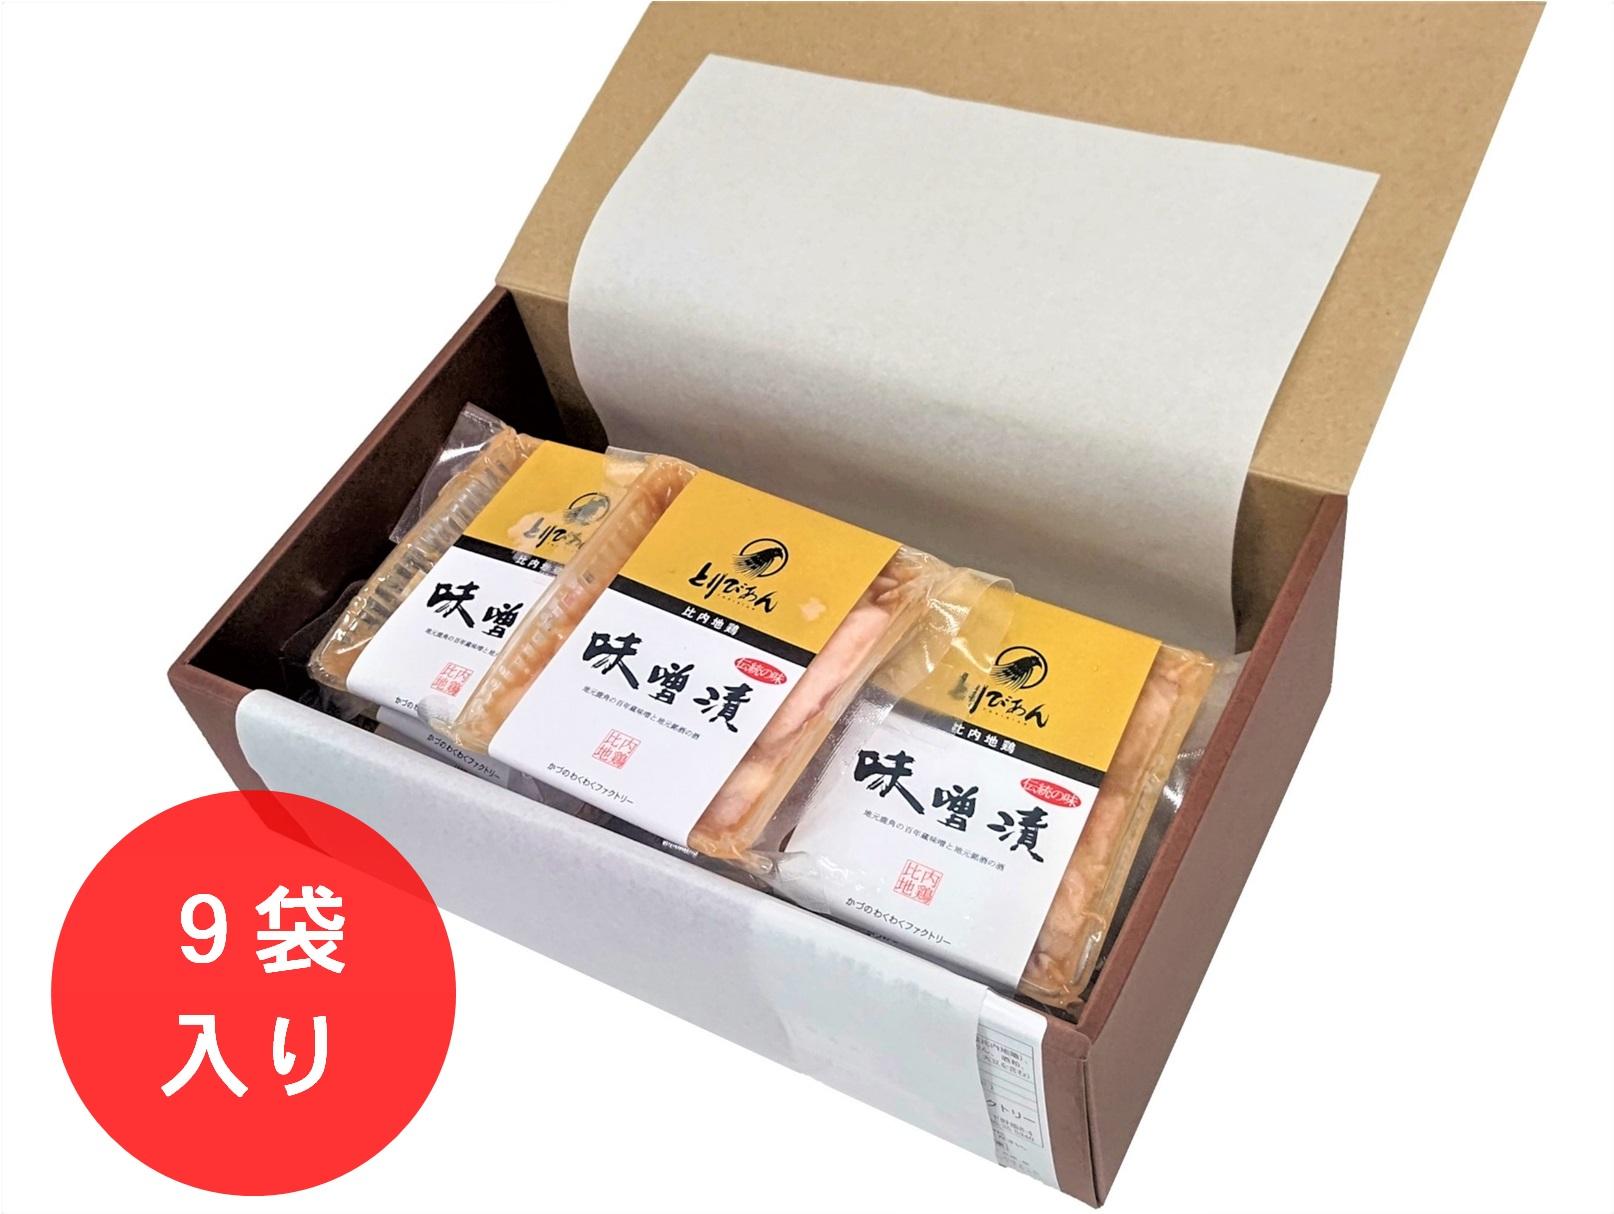 味噌漬けセット(9P)ロゴ入り